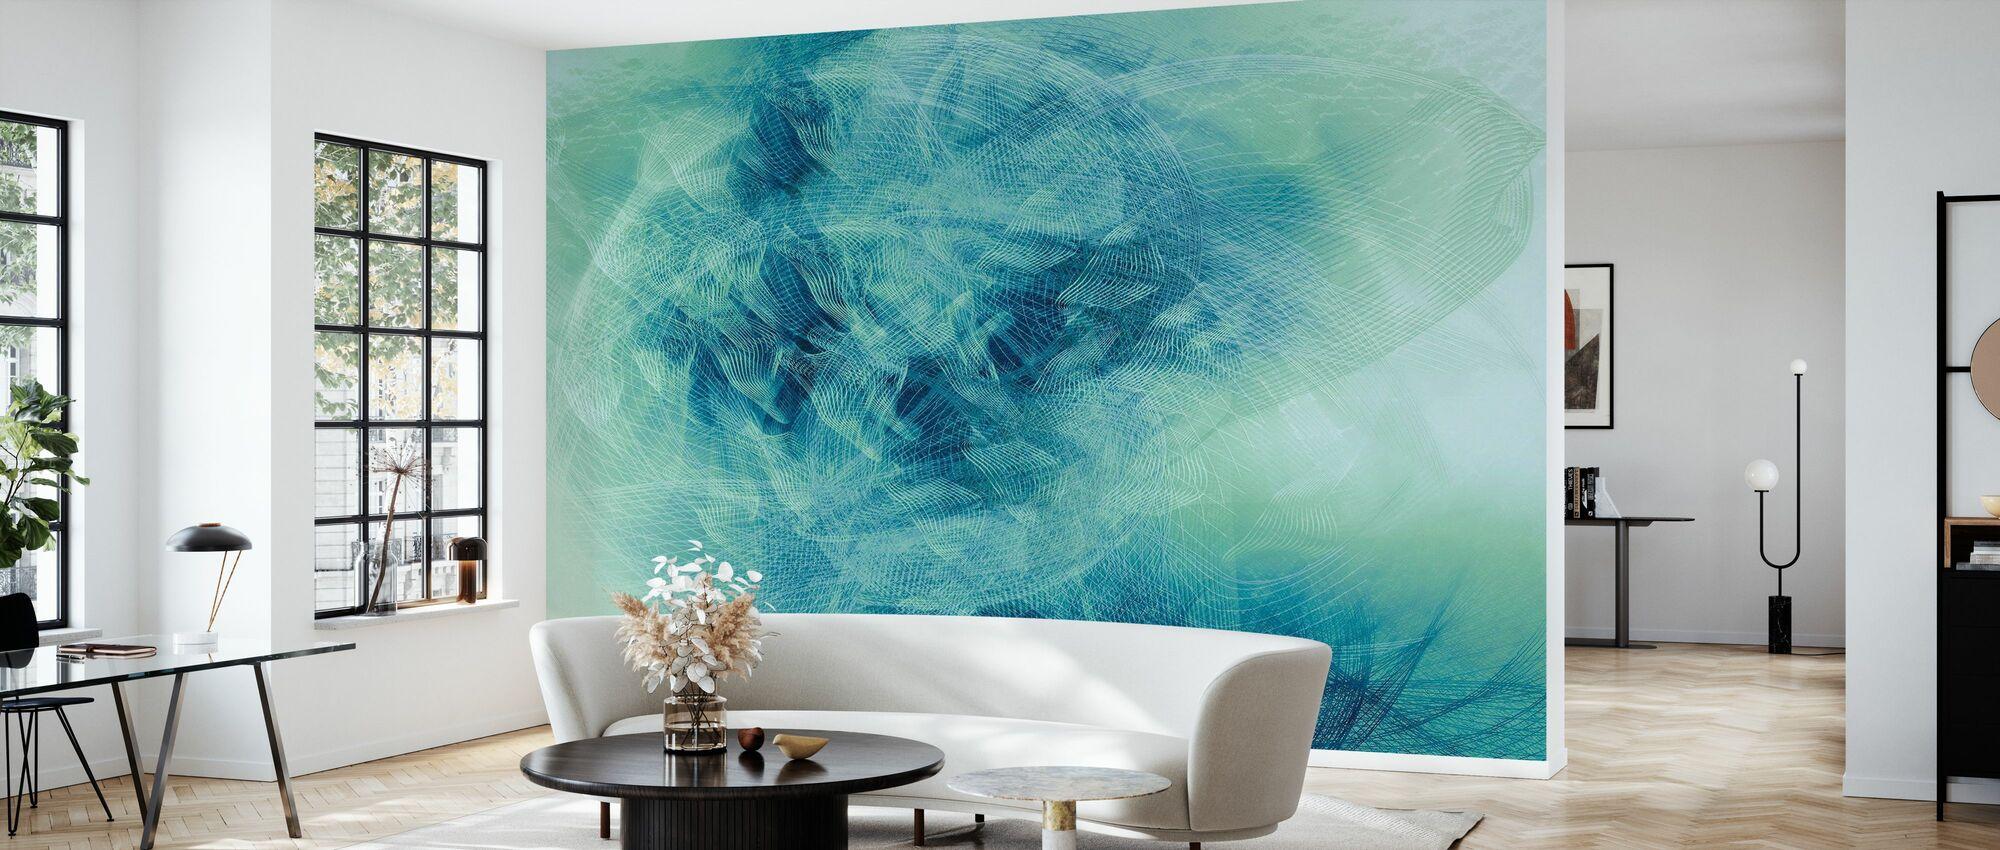 Liquid Lines - Green Blue - Wallpaper - Living Room